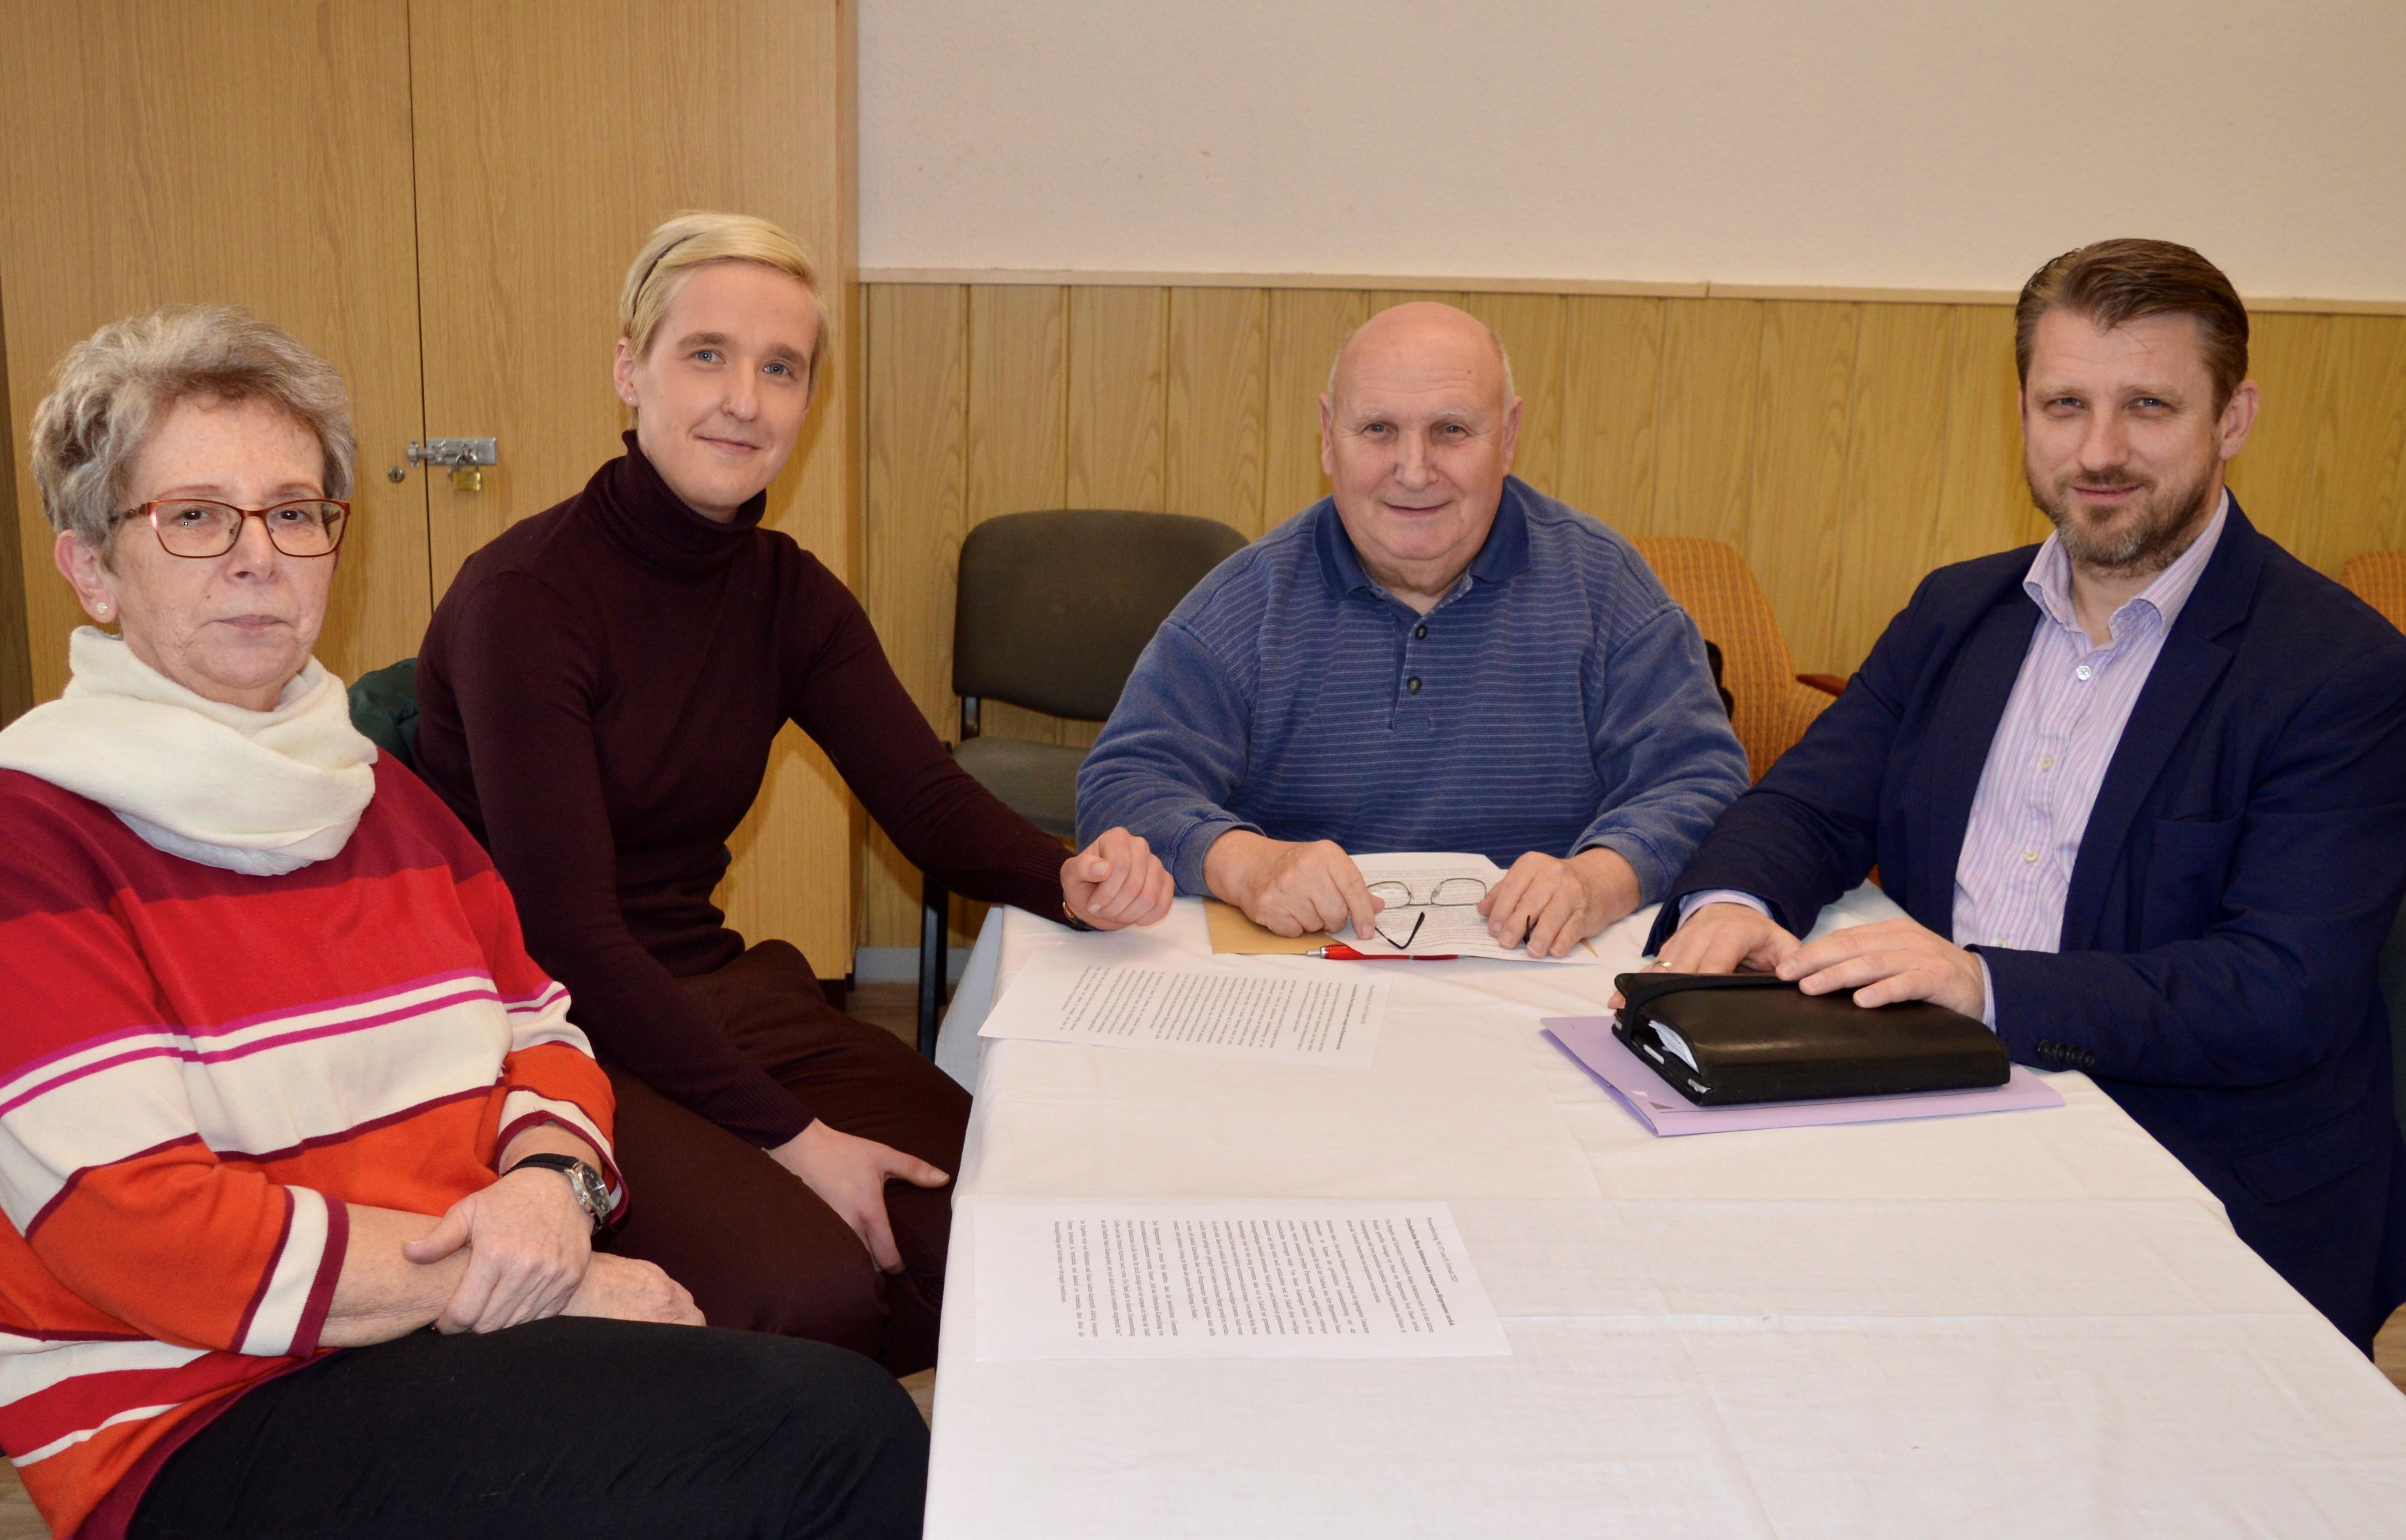 Bürgermeister Sven Hause (von rechts), Ortsbürgermeister Manfred Grimm sowie die Ortschaftsrätin Annemarie Doll und Ortschaftsrätin Maria Mittelstrass im Gespräch.